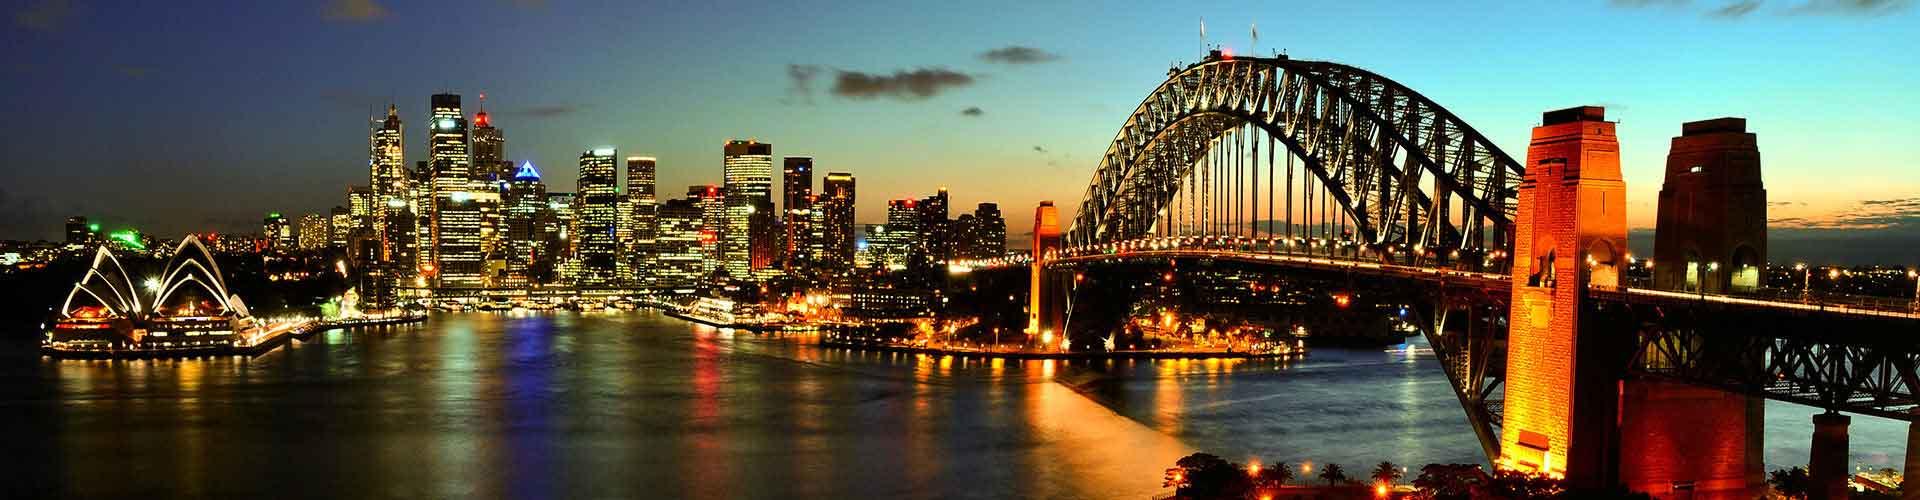 Sydney - Pokoje w mieście Sydney, Mapy miasta Sydney, Zdjęcia i Recenzje dla każdego pokoju w mieście Sydney.